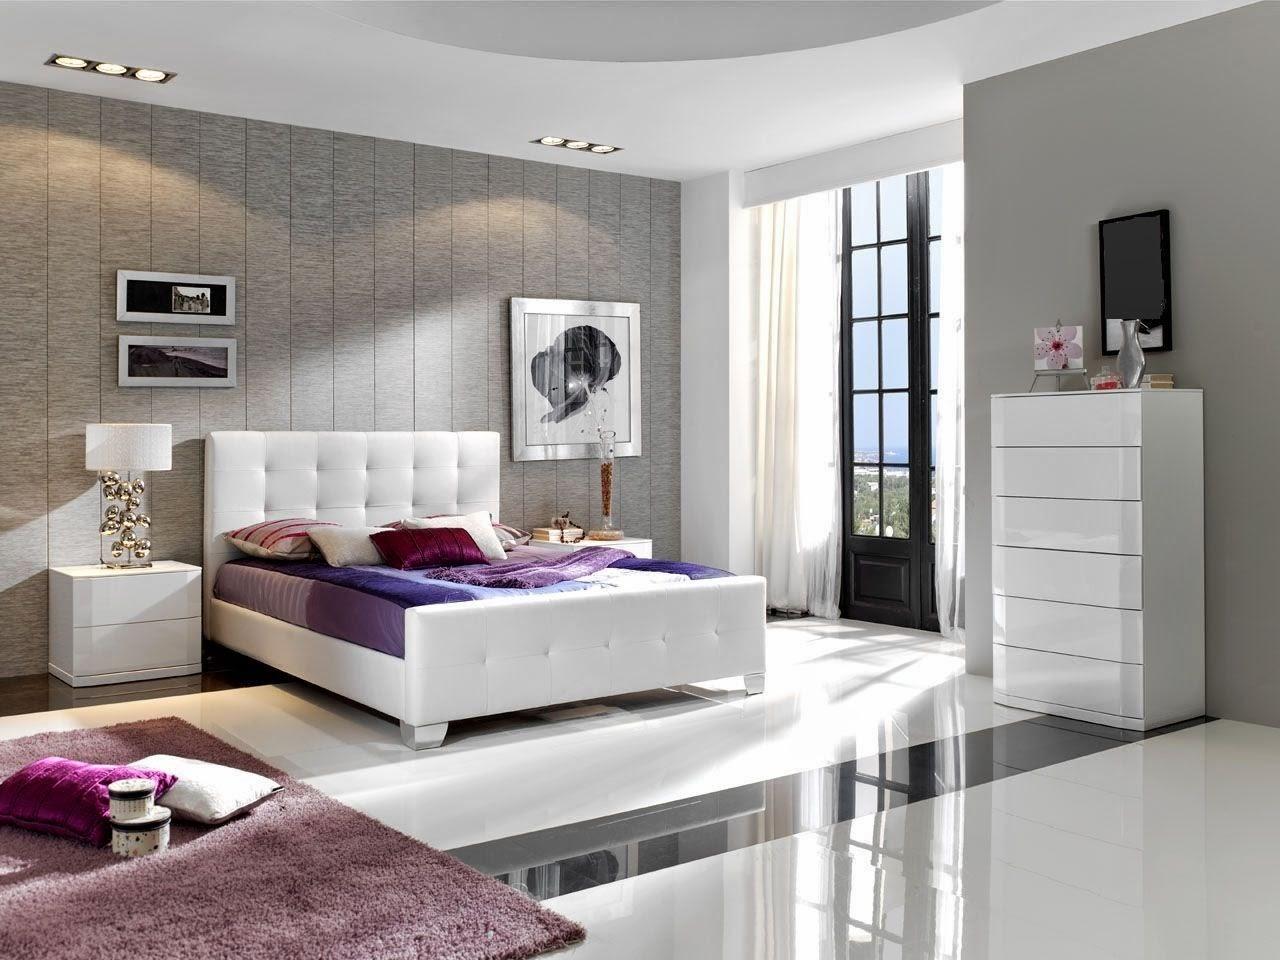 بالصور ترتيب غرفة النوم , غرفة النوم المنظمة والجميلة 746 3